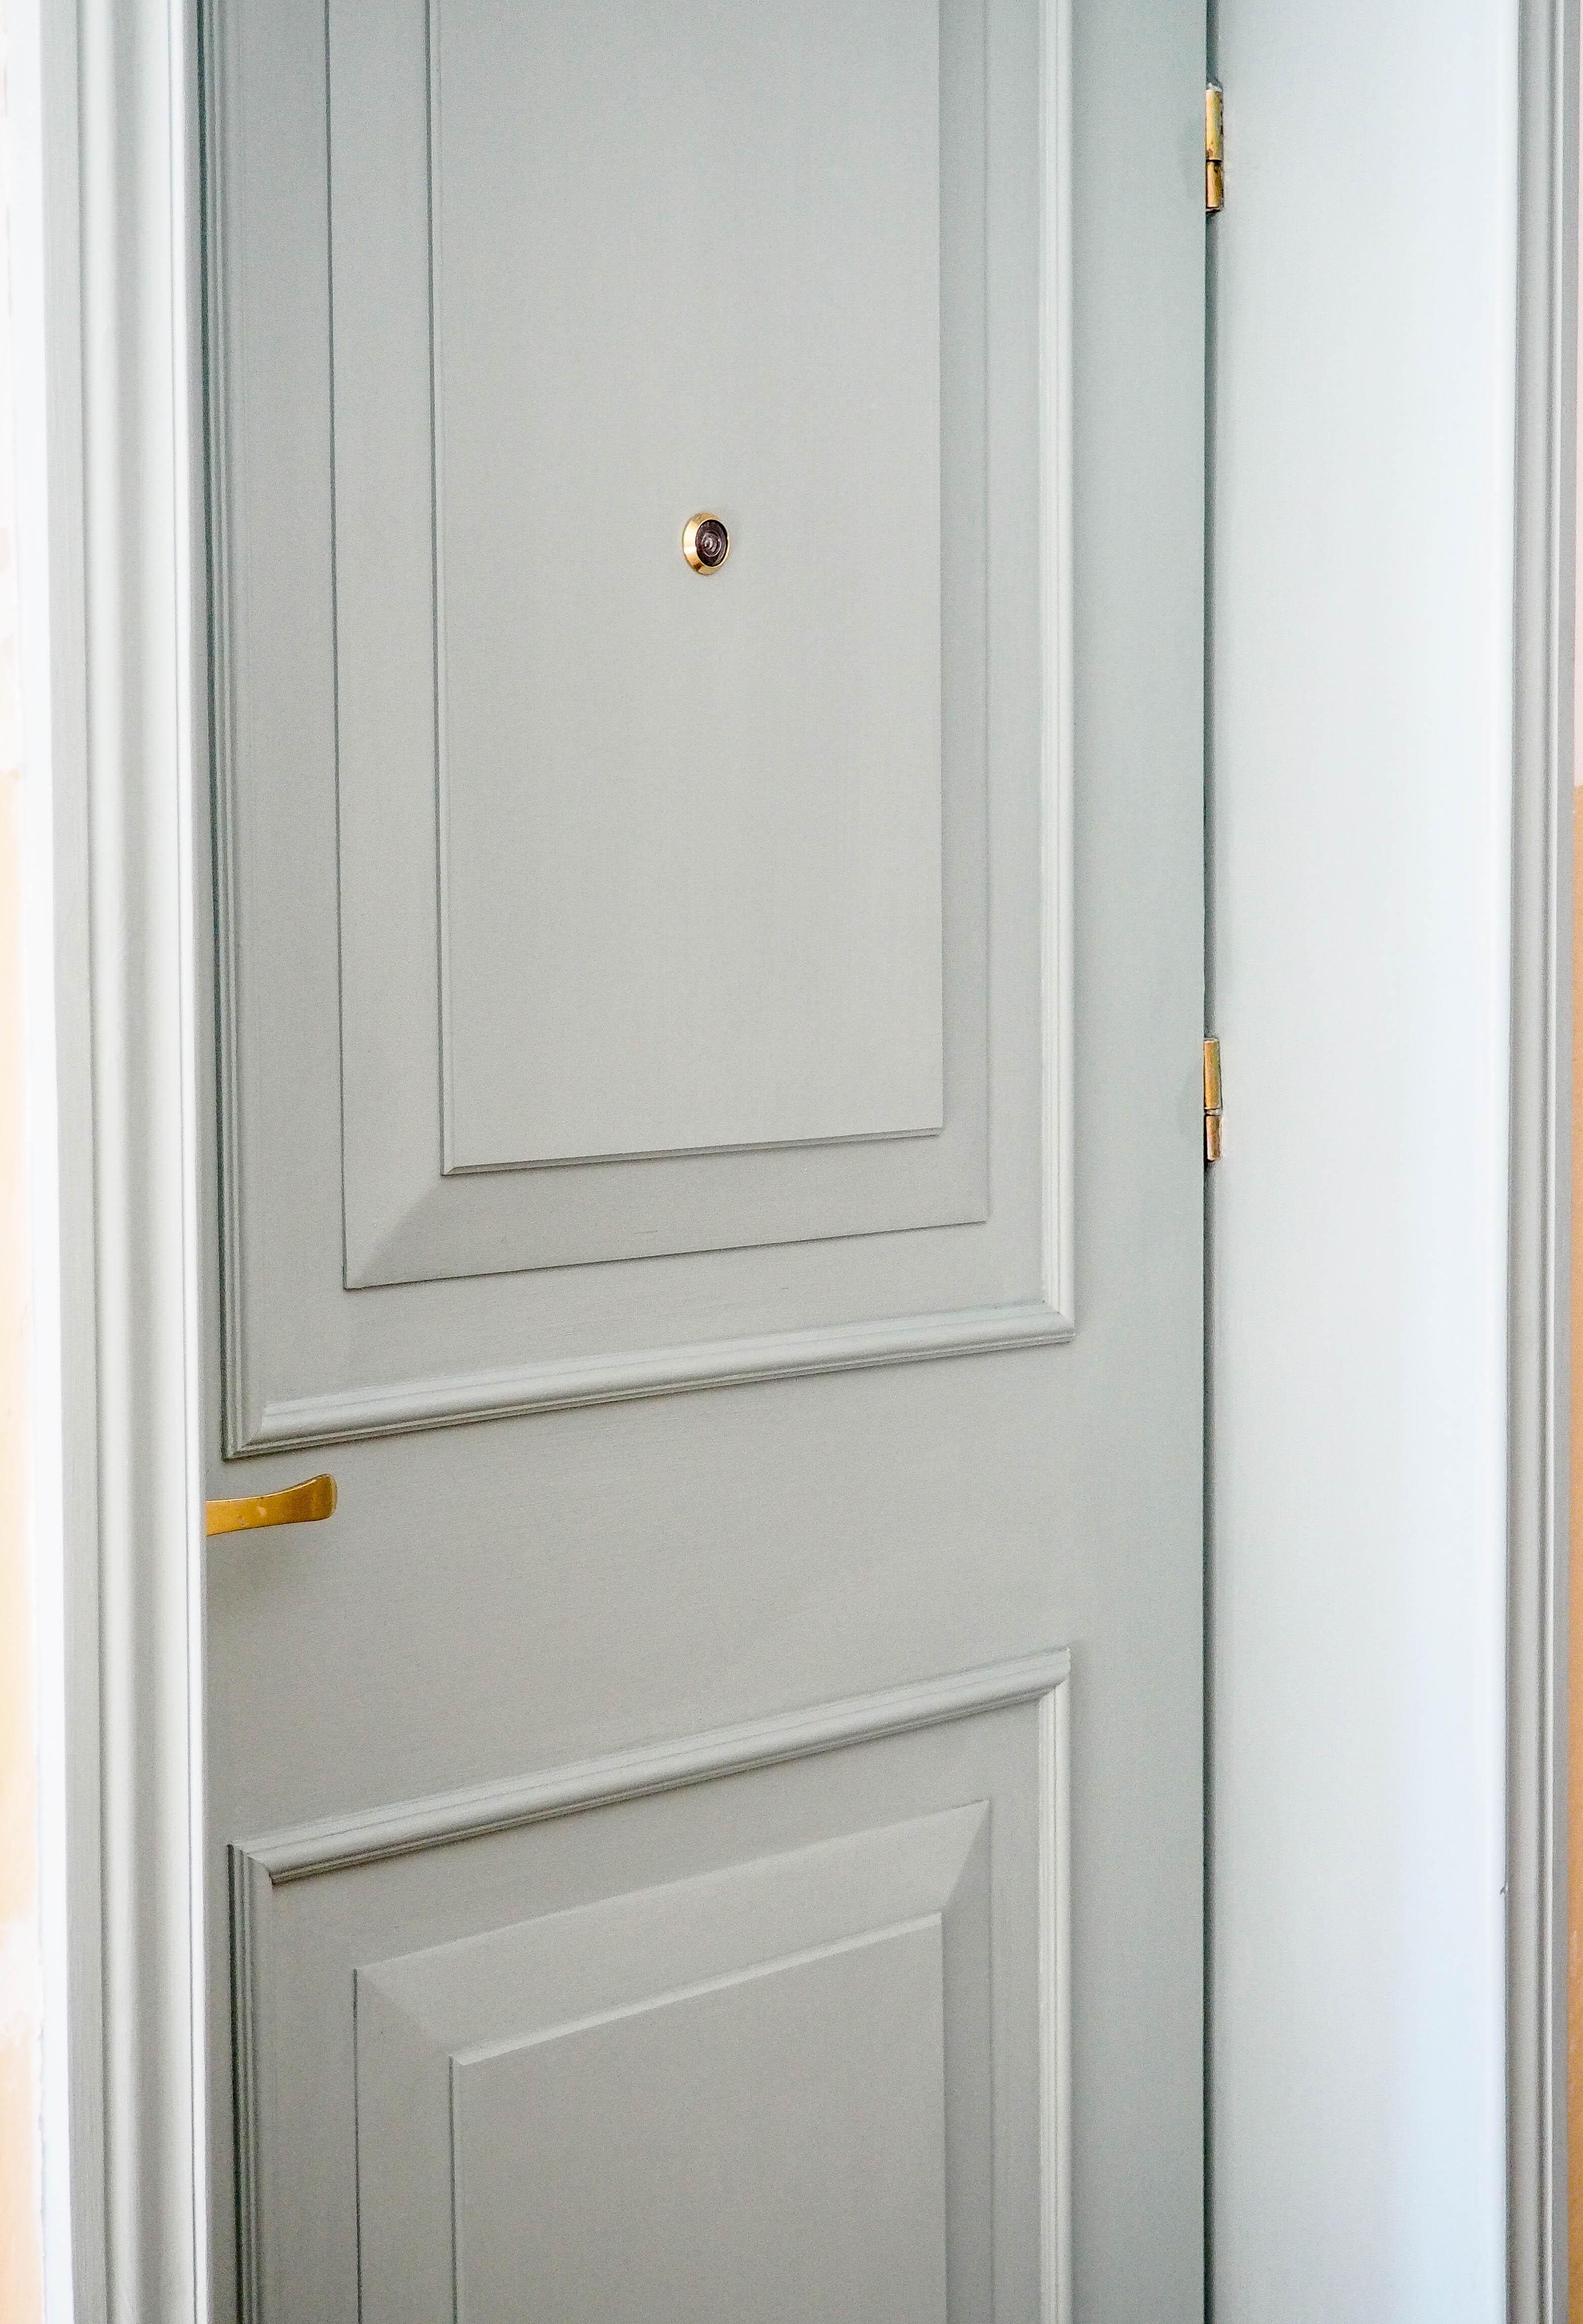 Jak pomalować drzwi w bloku